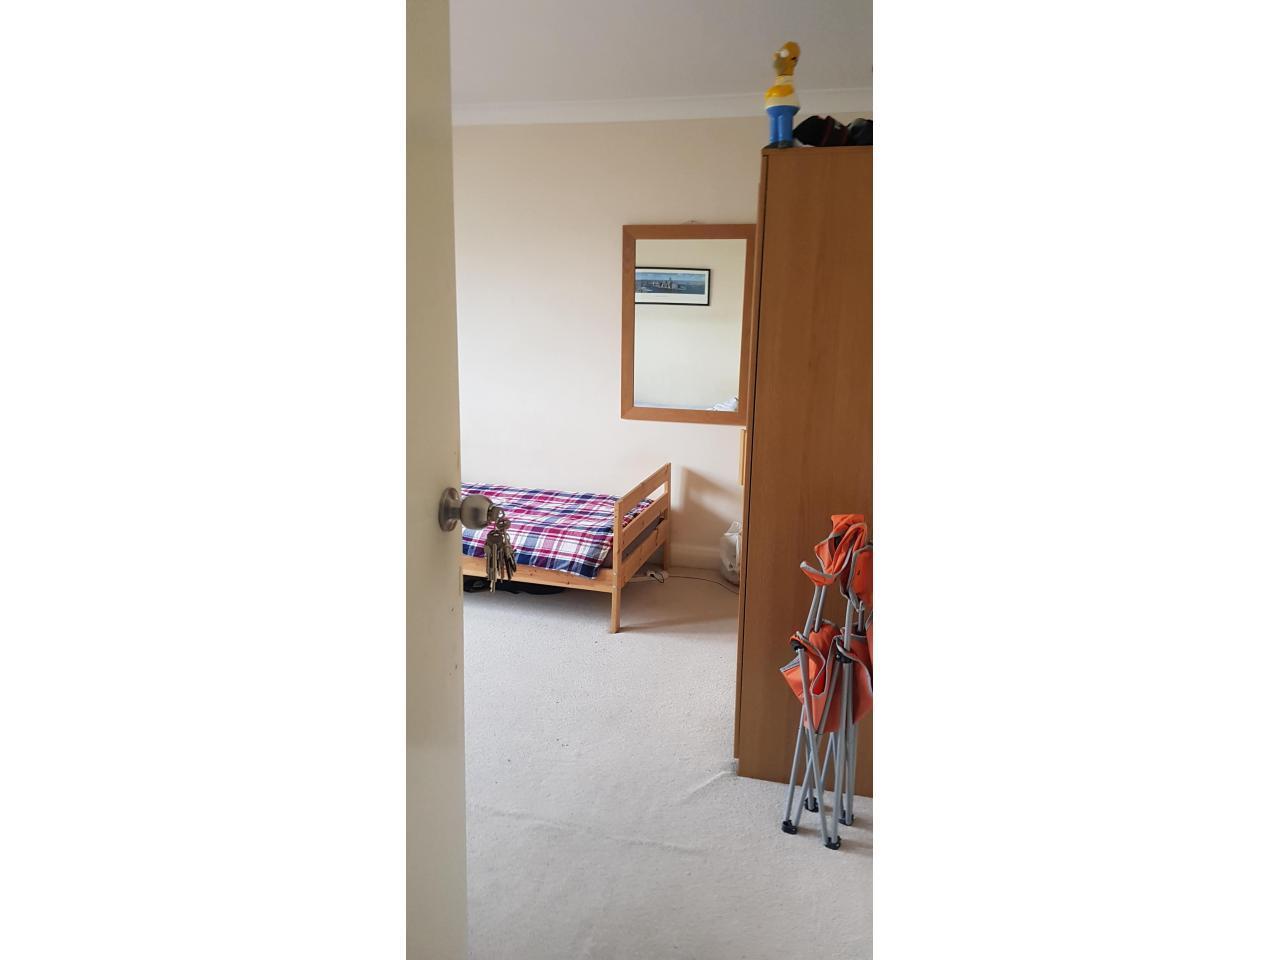 Сингл и Дабл комнаты в аренду £80, £145 и £150 в неделю. - 1